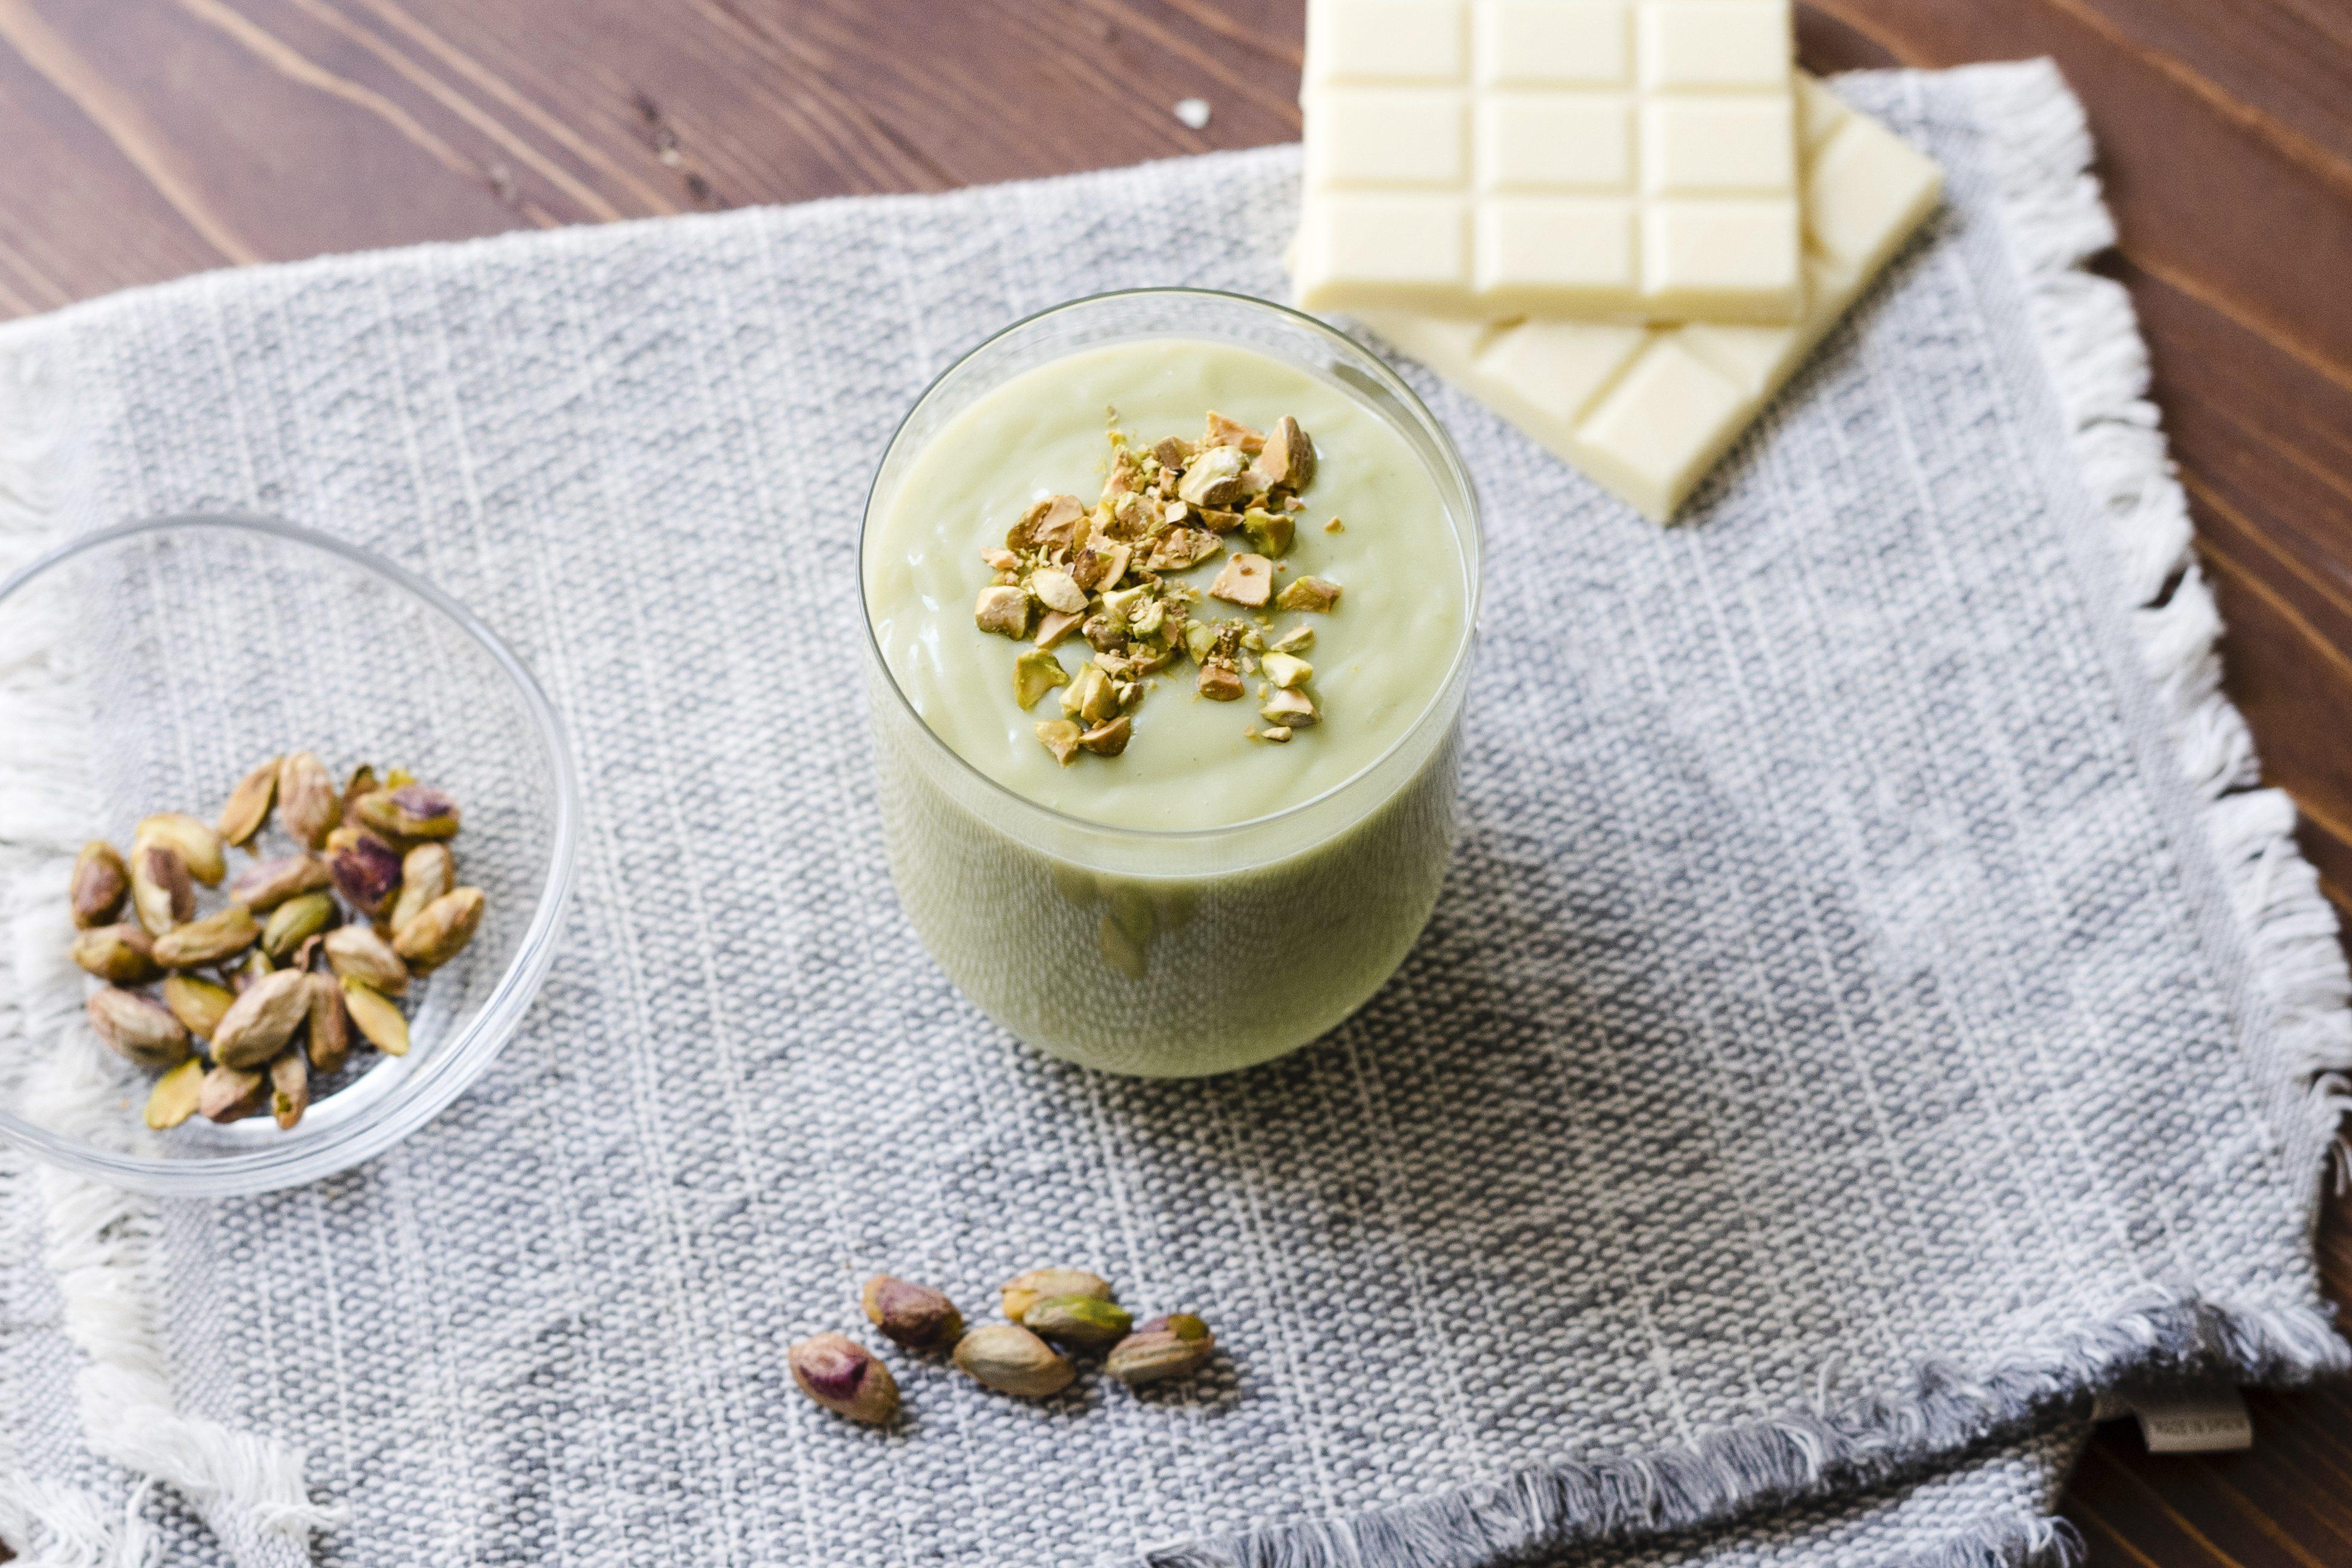 Cioccolata calda al pistacchio: la ricetta del comfort food cremoso e super goloso